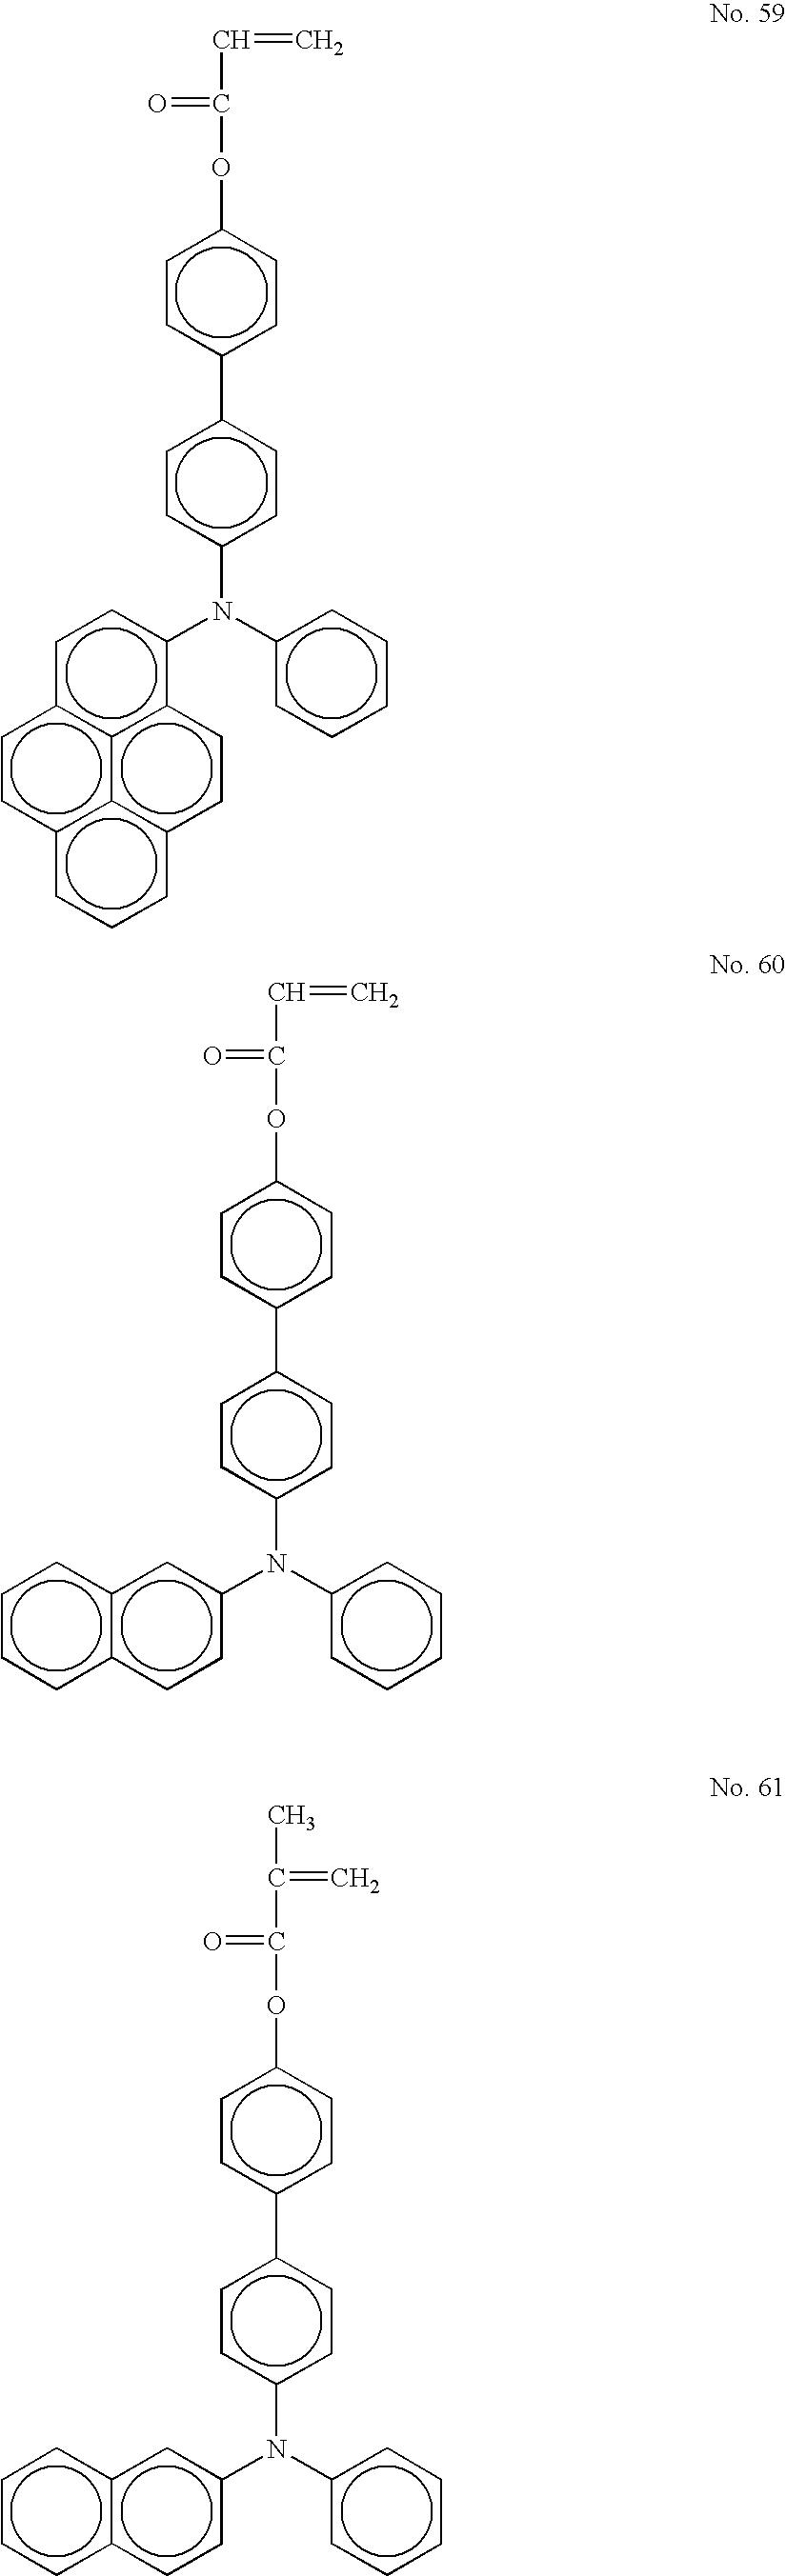 Figure US20060177749A1-20060810-C00036